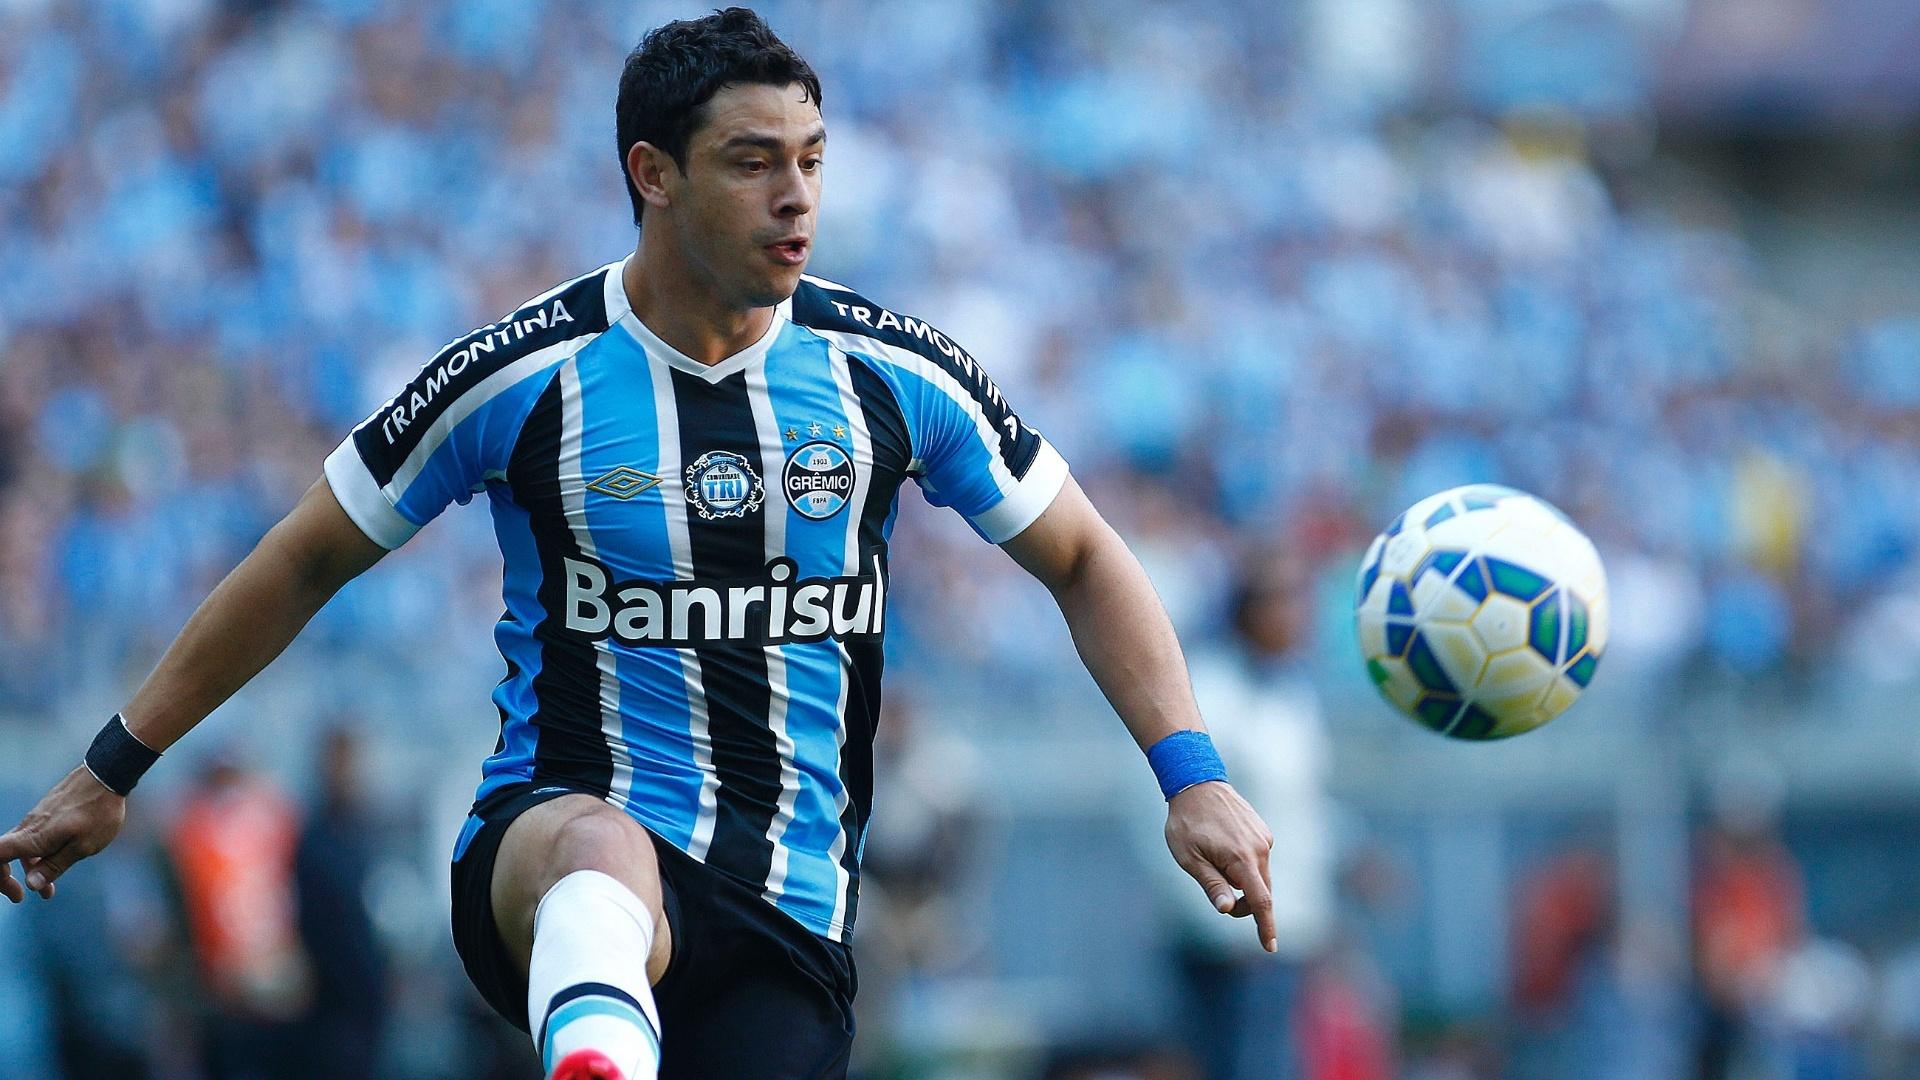 Giuliano domina a bola durante a partida entre Grêmio e São Paulo